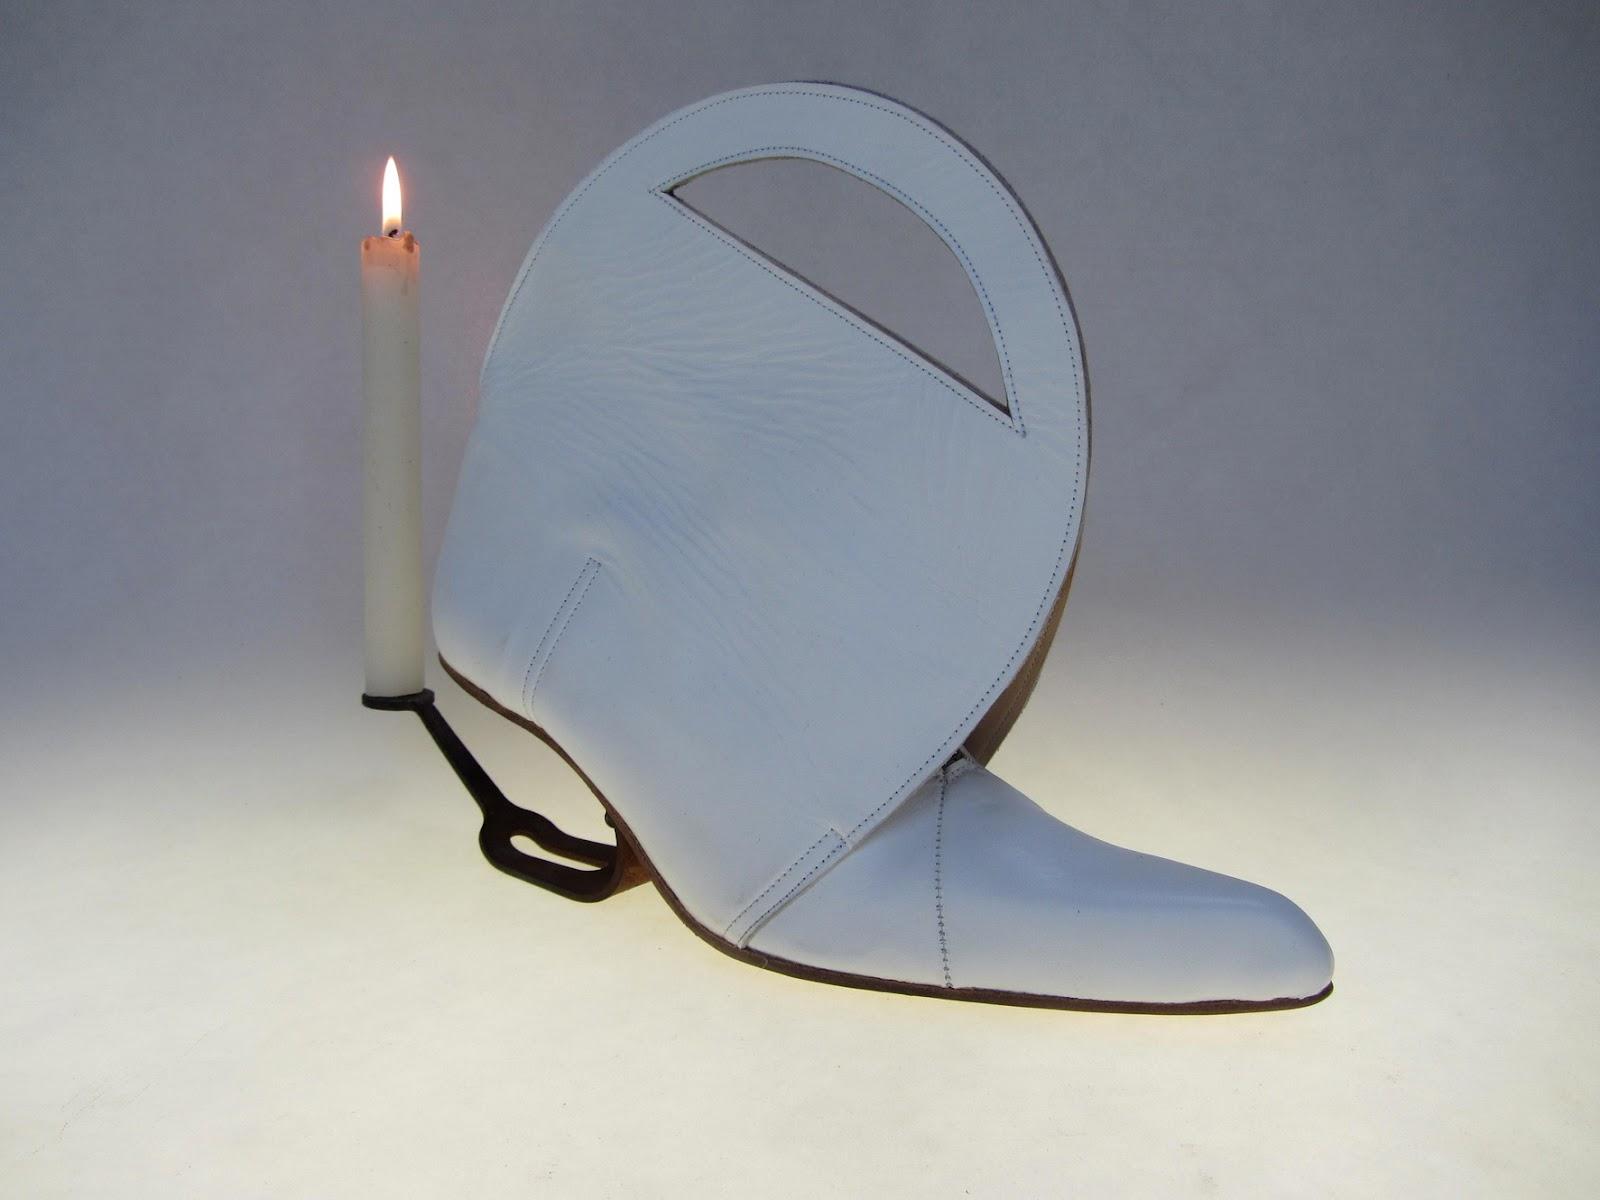 o simplemente sin tacón son algunas de las rarezas que podrás ver en la siguiente galería de los zapatos más incómodos creados para las mujeres.